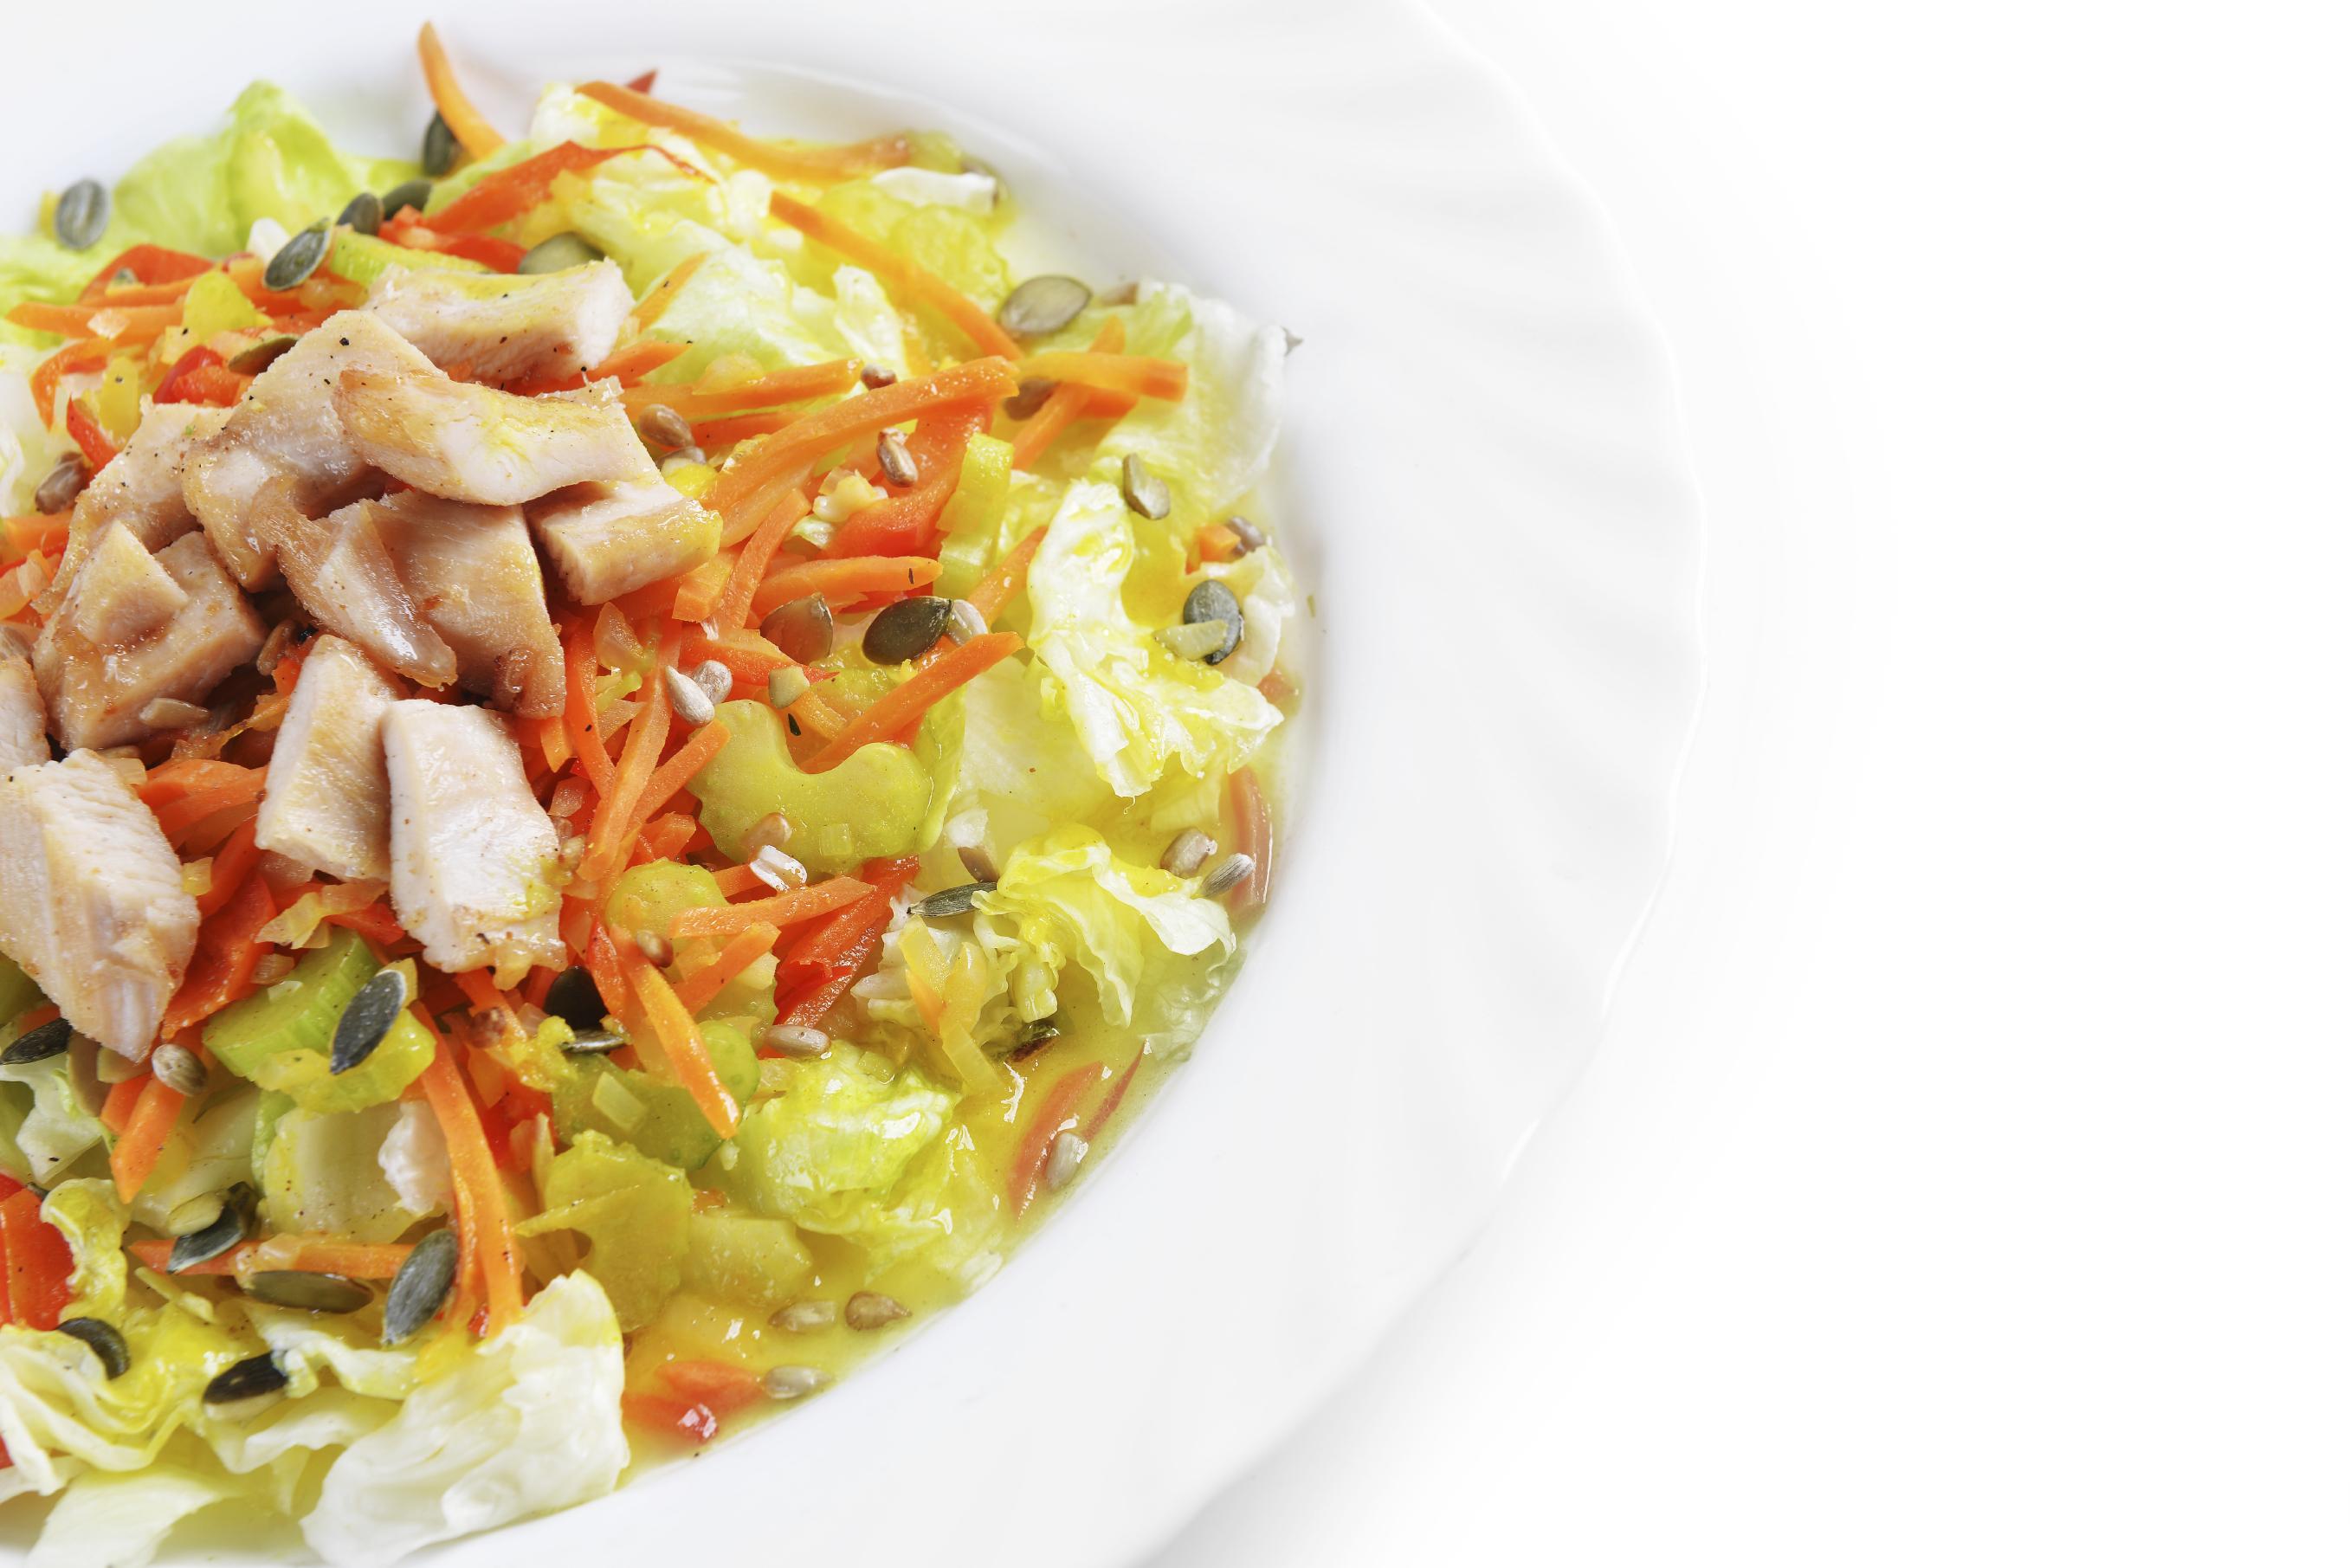 Ensalada Fresca De Pollo Lechuga Y Zanahoria A Mi Manera Demos La Vuelta Al Dia Esta ensalada de zanahoria ha sido todo un descubrimiento para nosotros, parece mentira que tenga sólo cuatro ingredientes porque tiene un sabor impresionante. demos la vuelta al dia